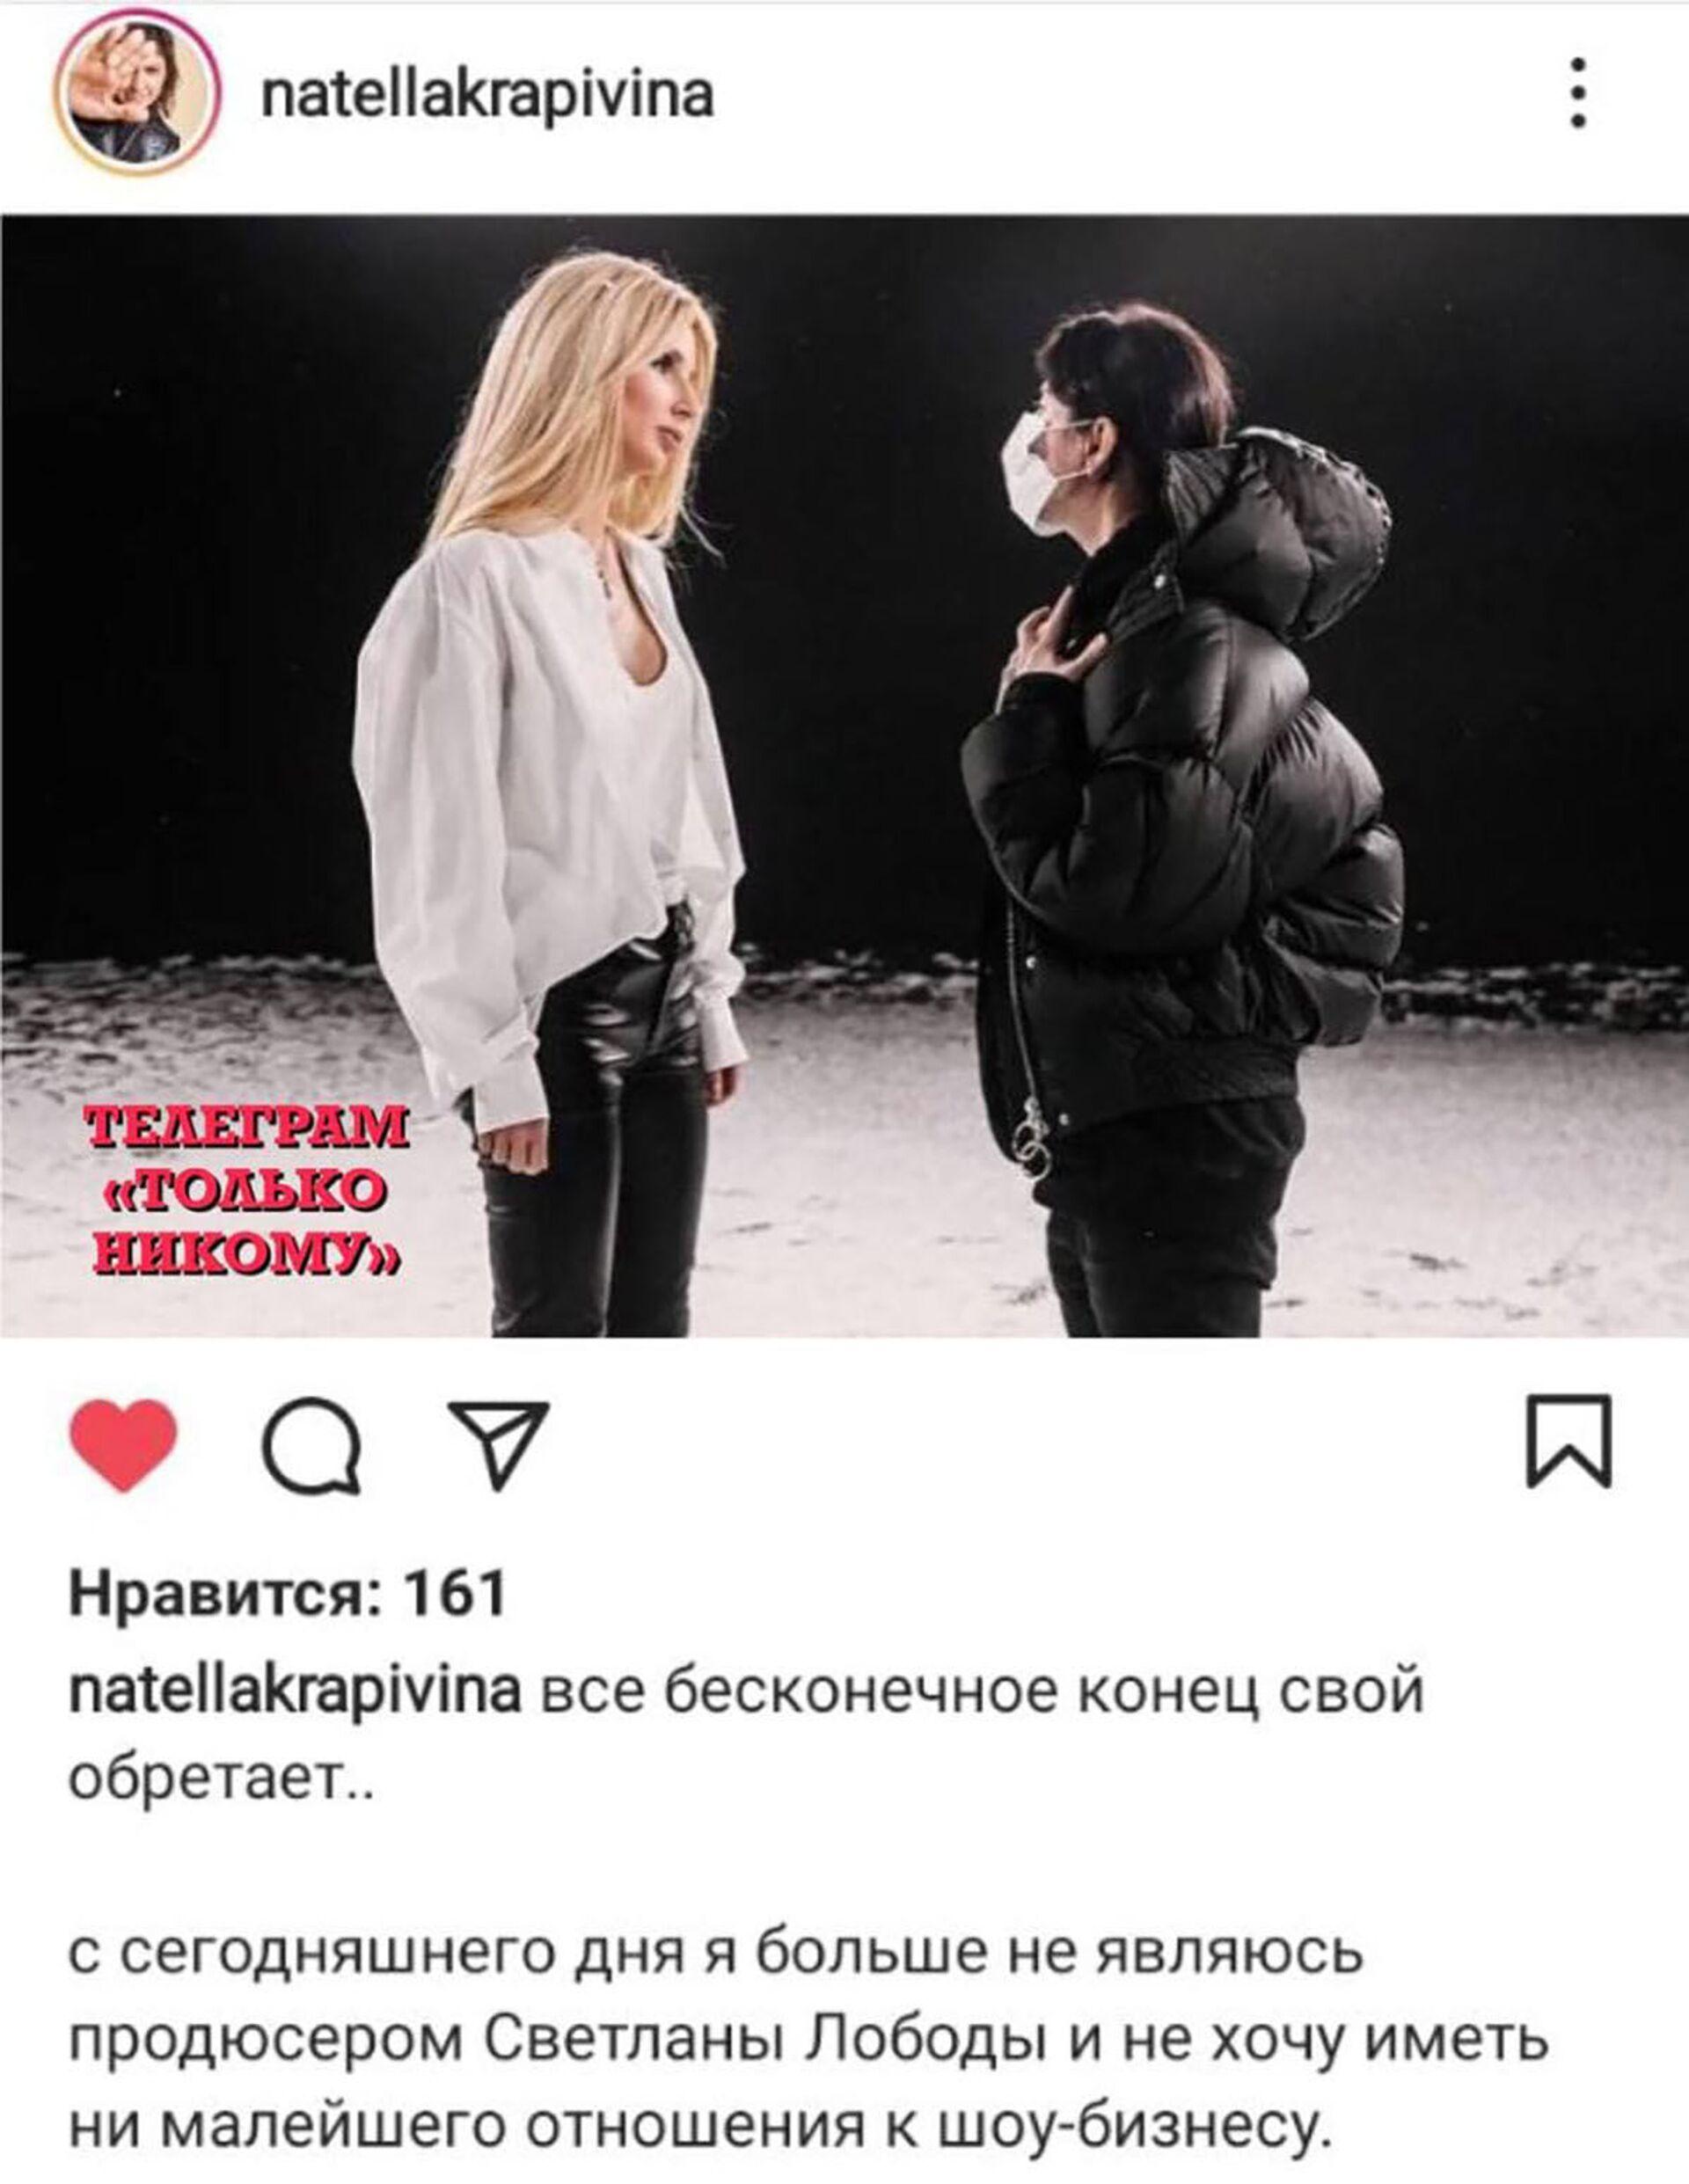 Светлана Лобода прекратила сотрудничество с дочерью азербайджанского миллионера - Sputnik Азербайджан, 1920, 09.06.2021